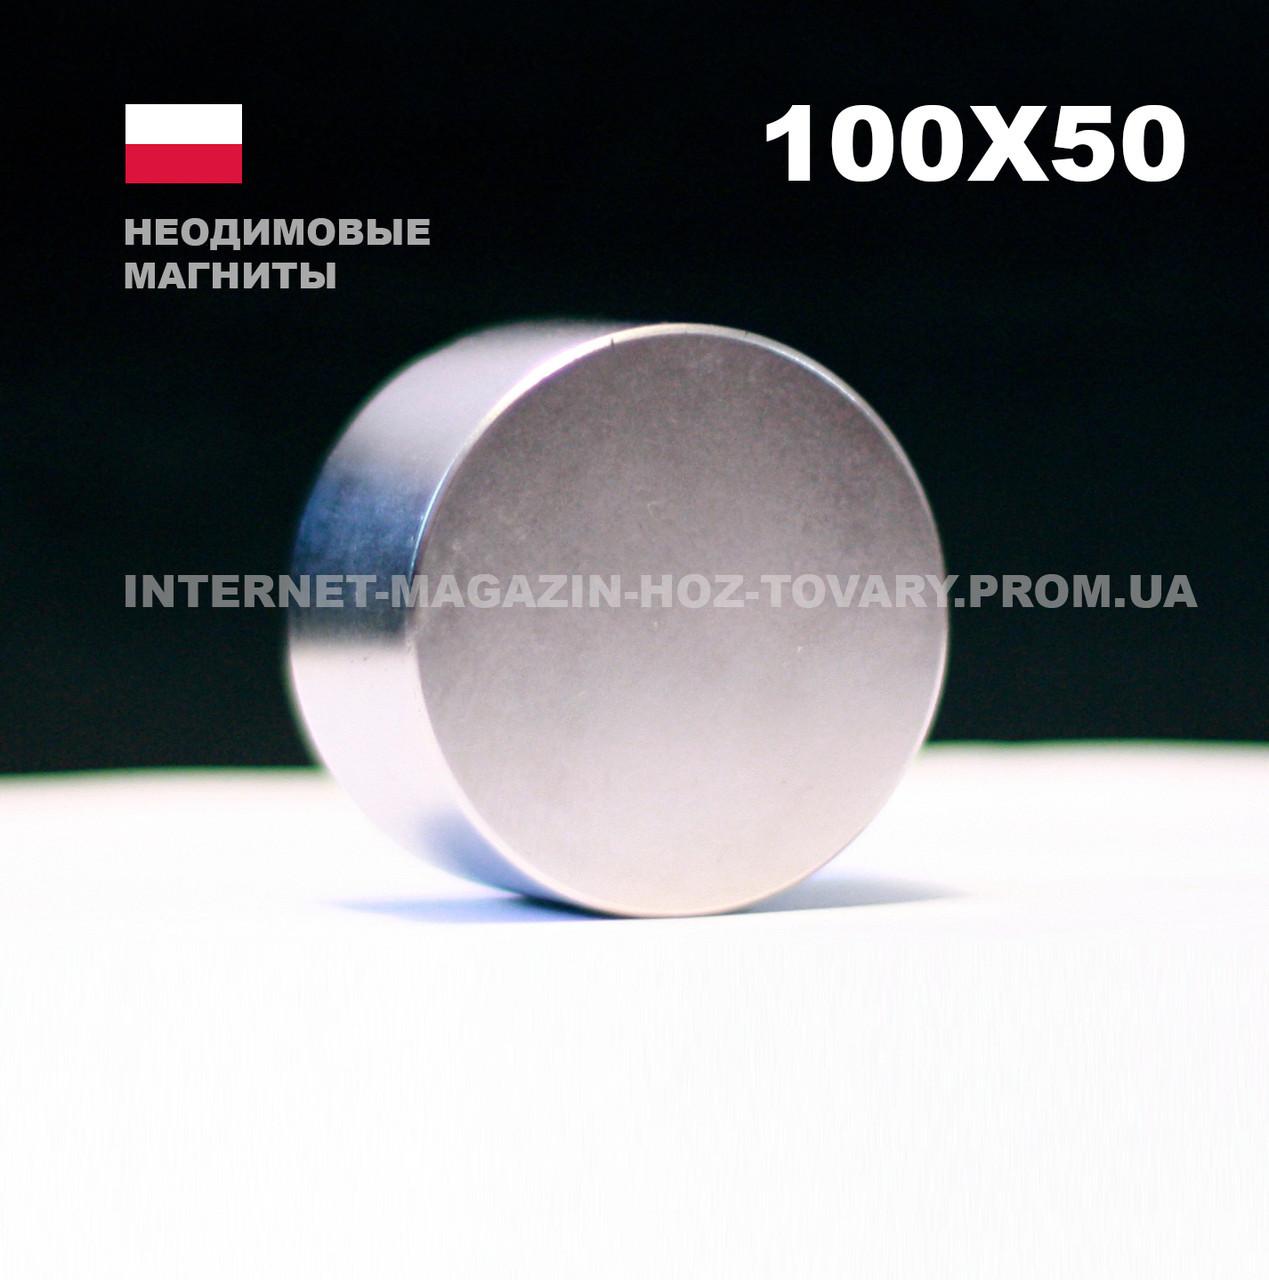 Неодимовий магніт 100 50